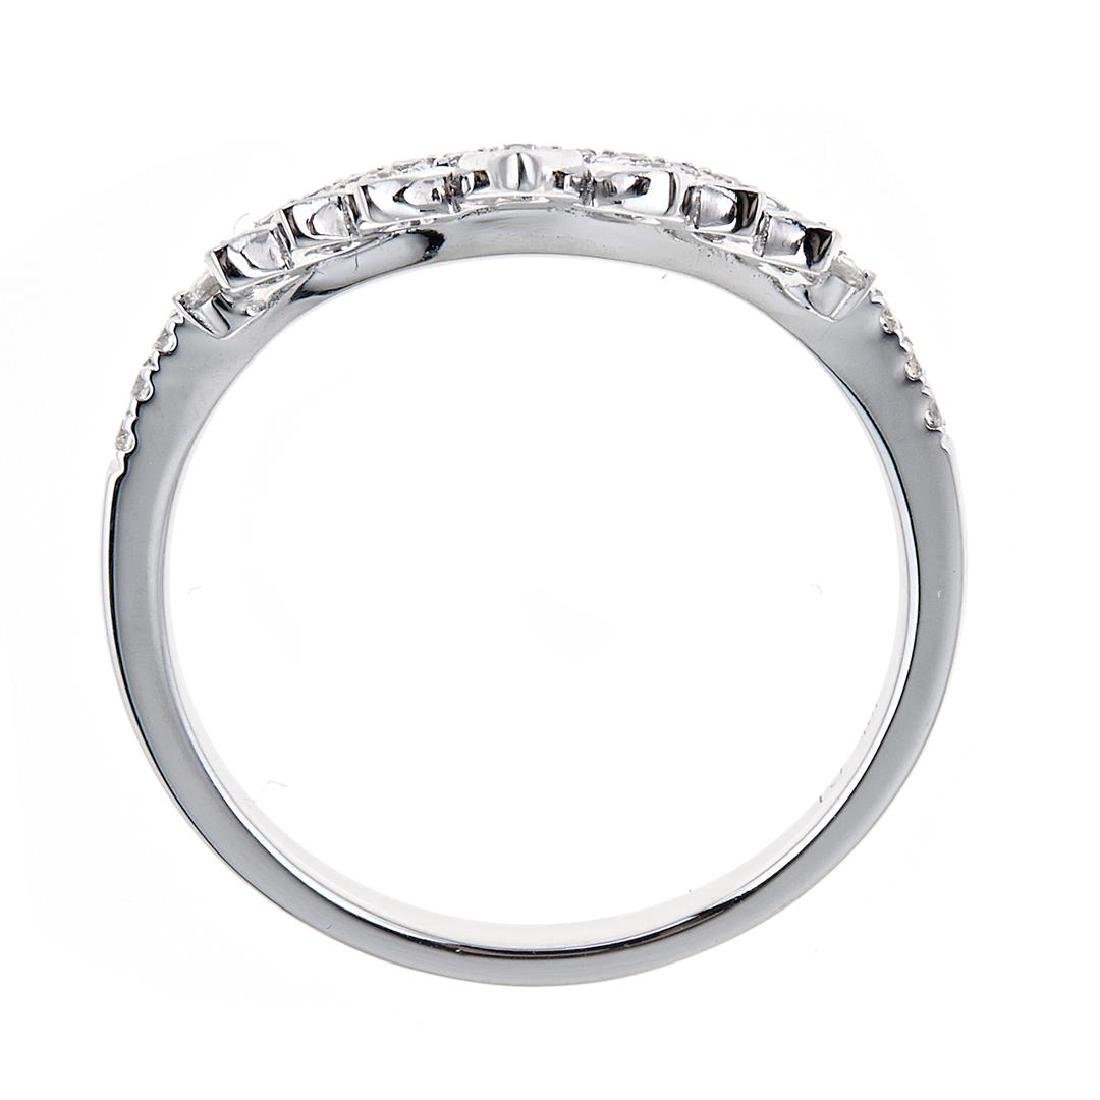 0.26 ctw Diamond Ring - 18KT White Gold - 2